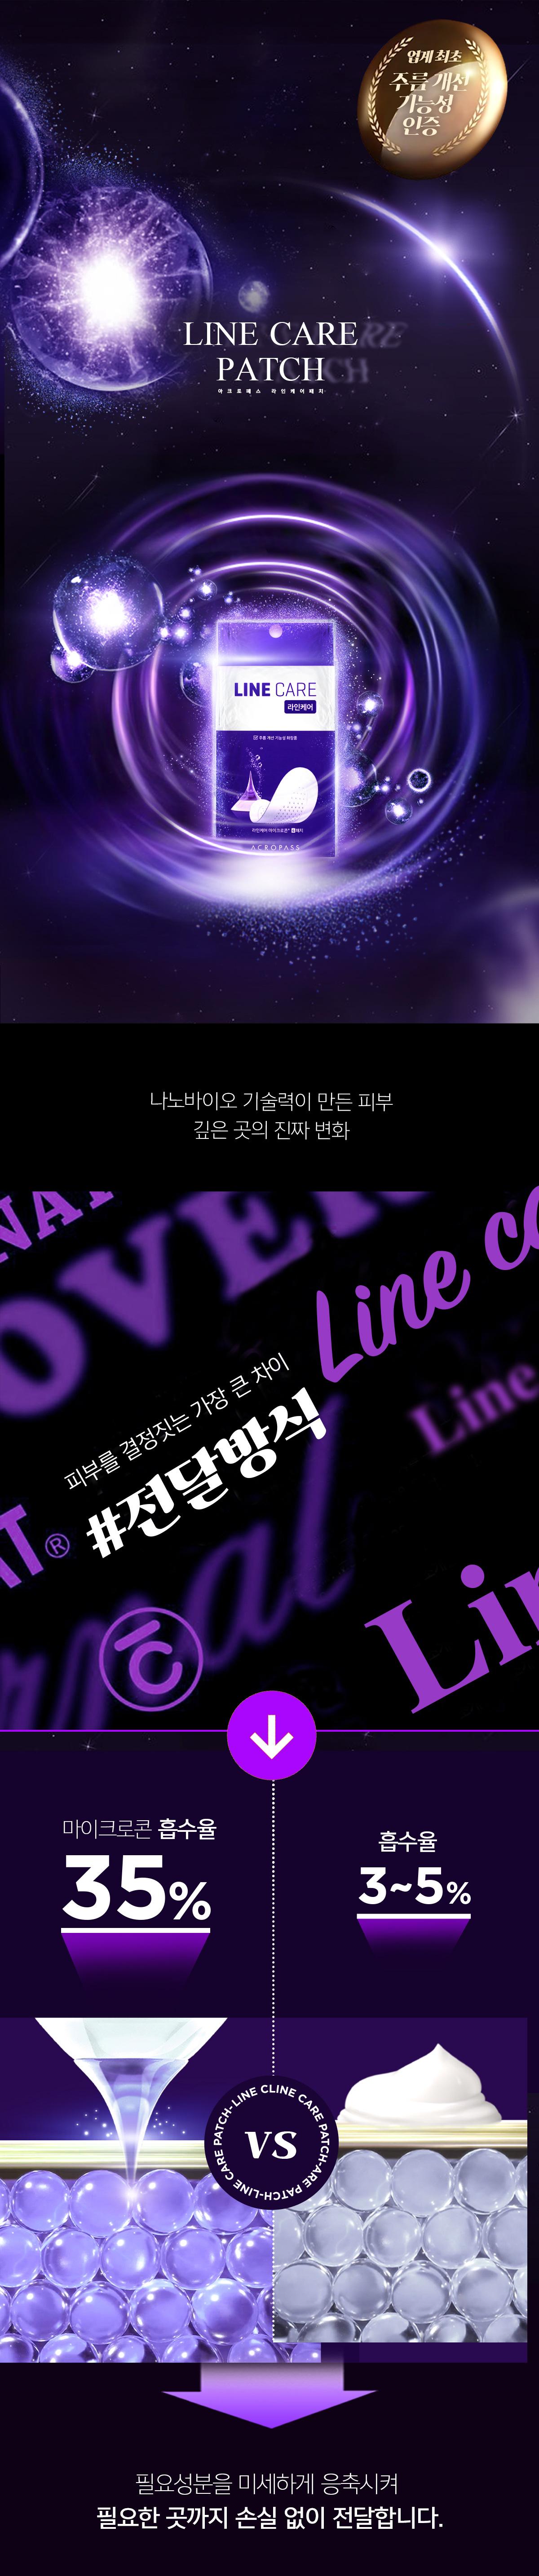 linecare_renwal_01!.jpg